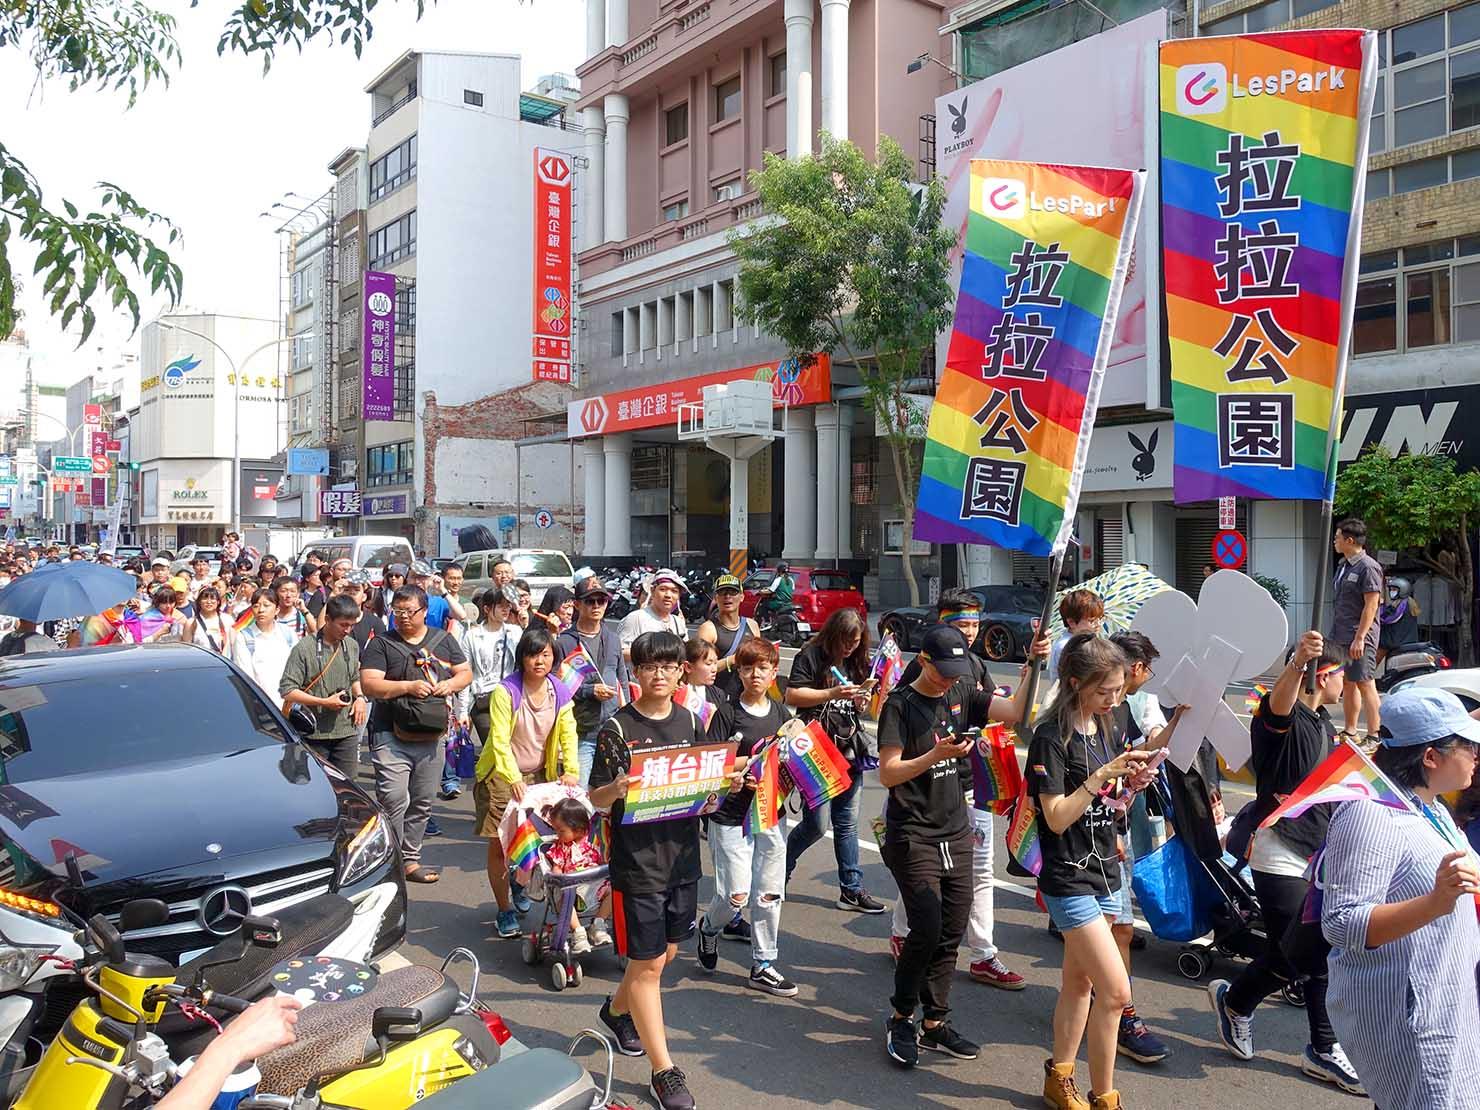 台南彩虹遊行(台南レインボーパレード)2019のパレード隊列